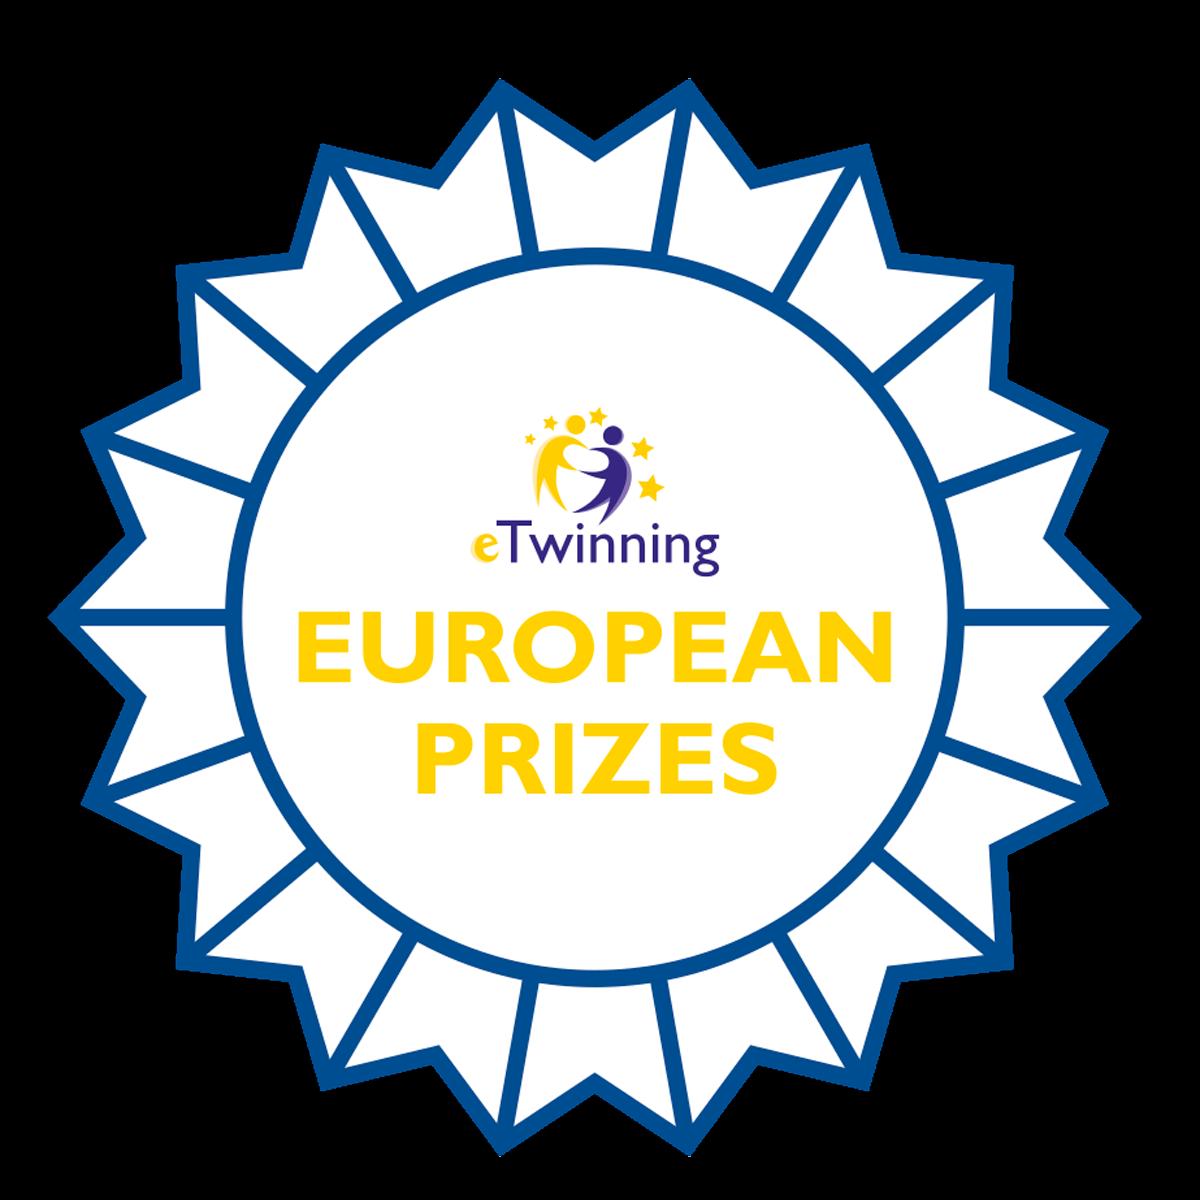 Ganadores De Los Premios Europeos Etwinning 2019 Etwinning